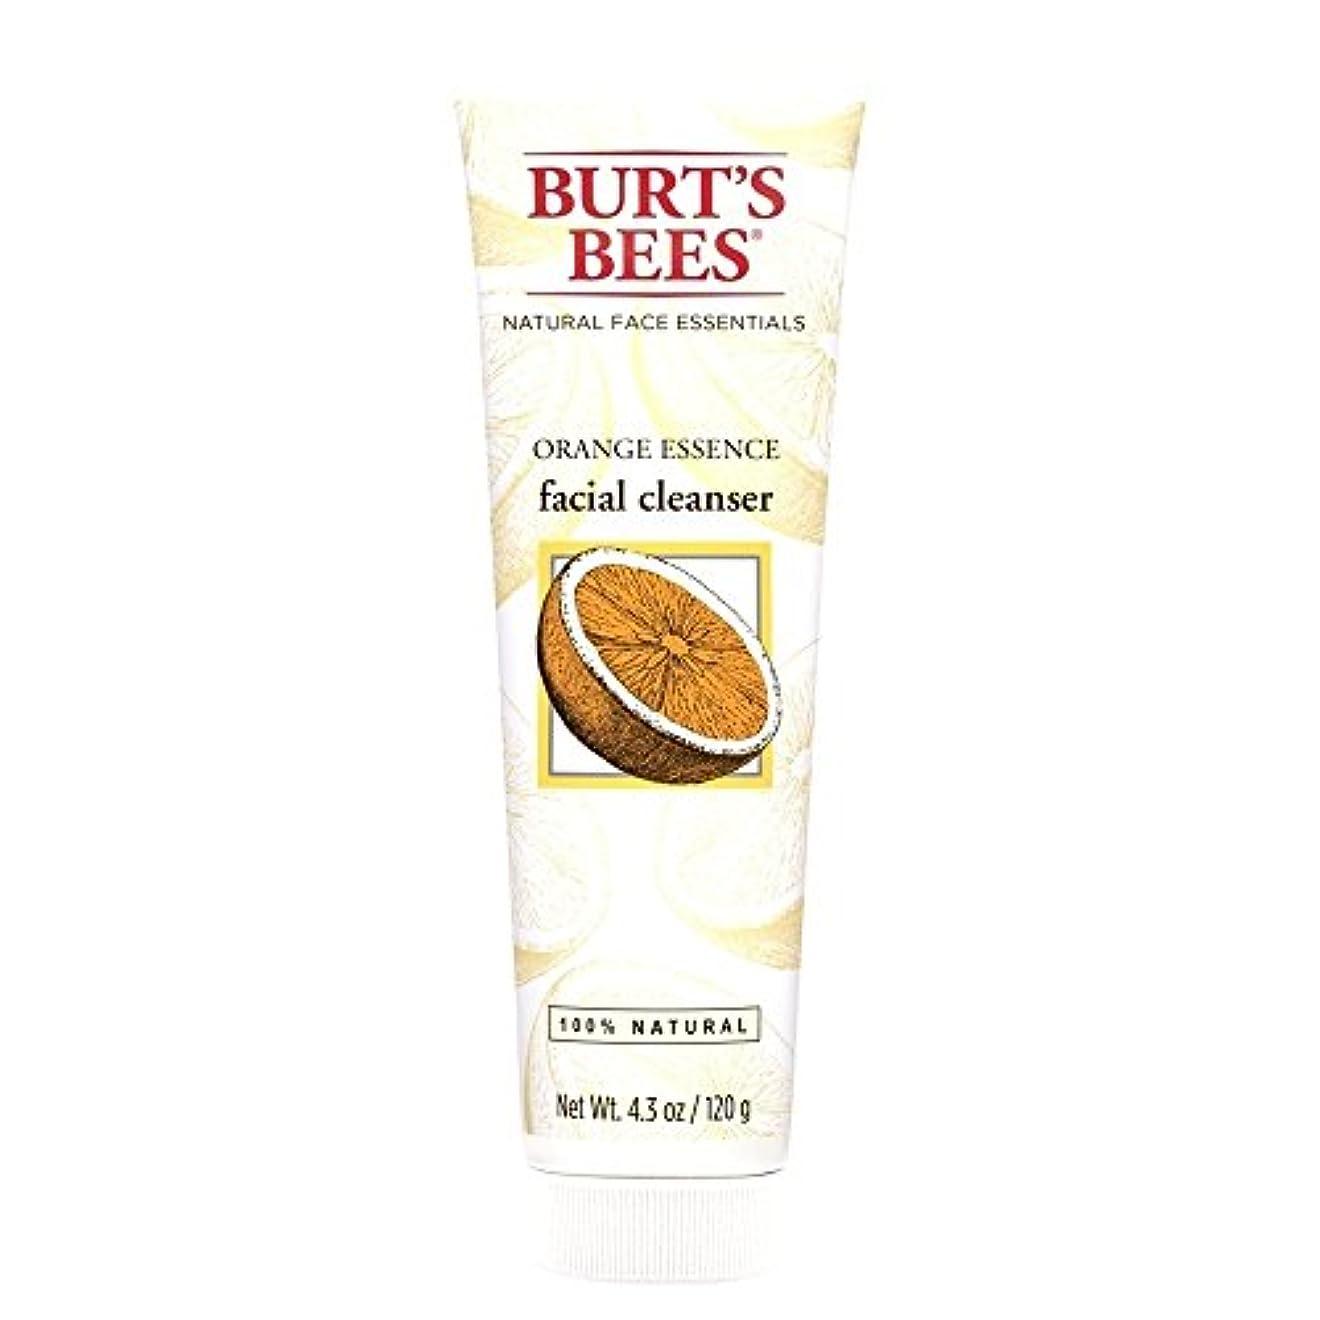 保有者踊り子プロフィールバーツビーオレンジエッセンス洗顔料、125グラム (Burt's Bees) (x6) - Burt's Bees Orange Essence Facial Cleanser, 125g (Pack of 6) [並行輸入品]